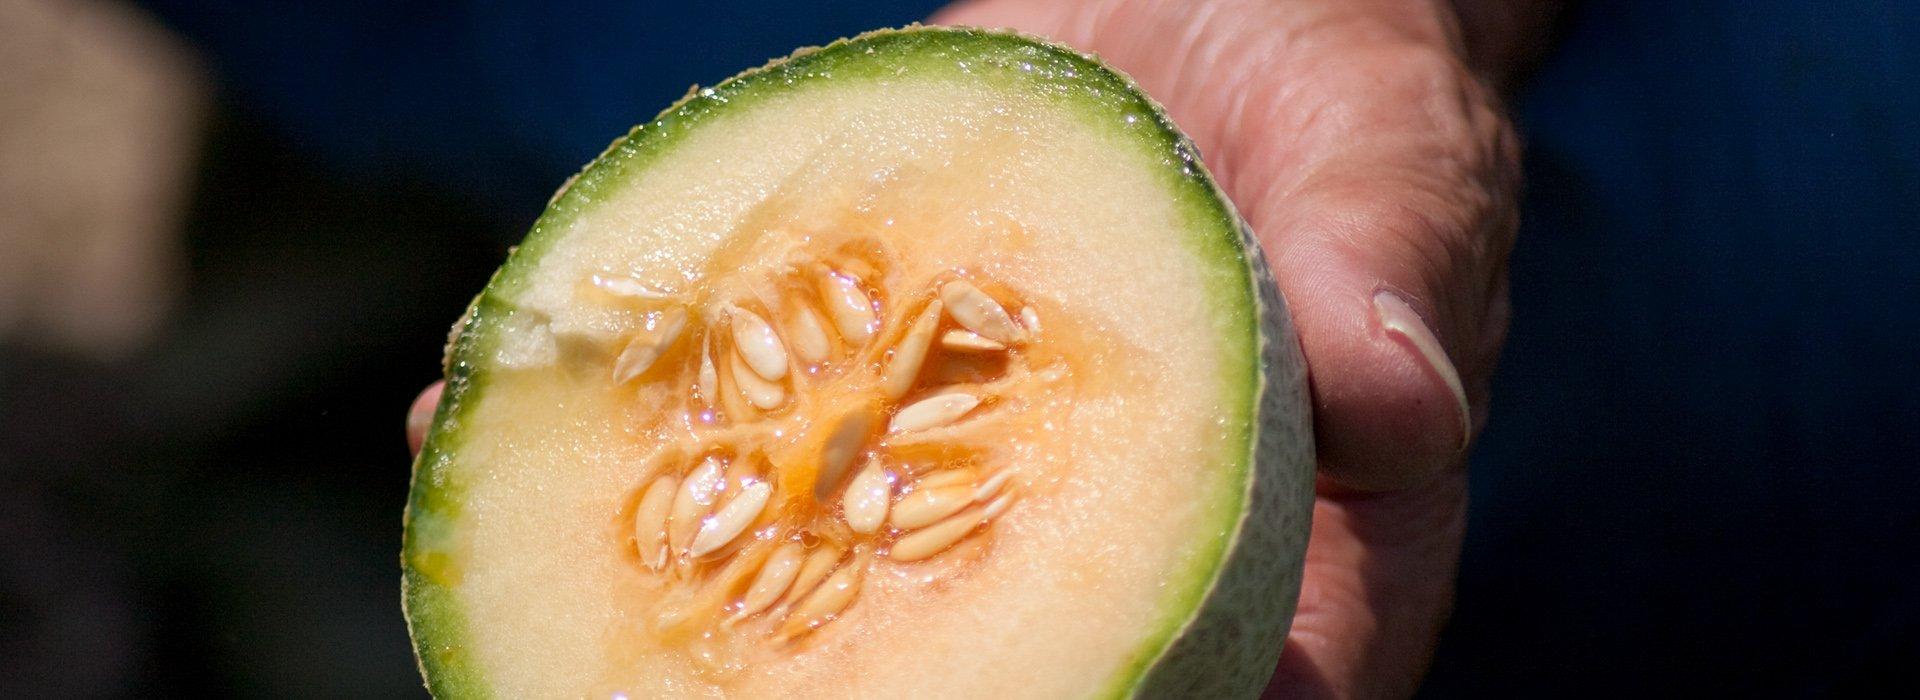 Immagine del melone